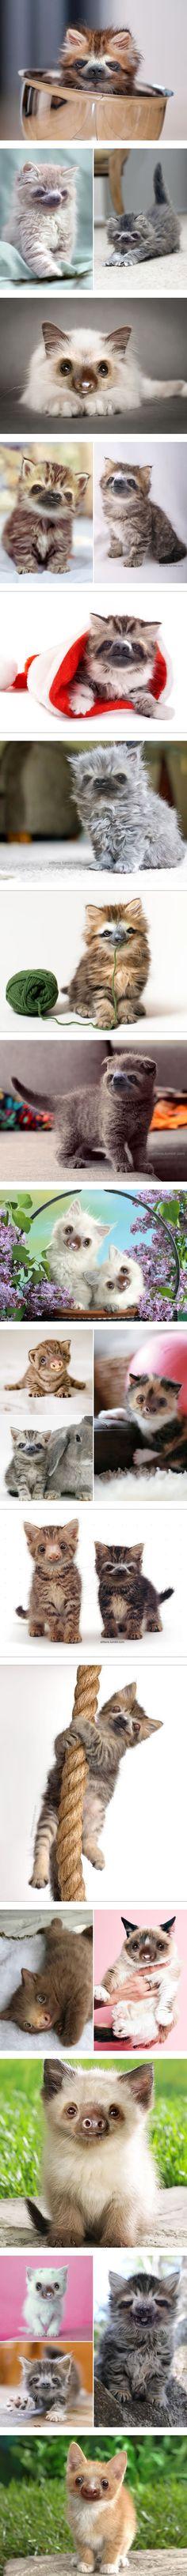 Sloths + Kittens = Slittens - 9GAG